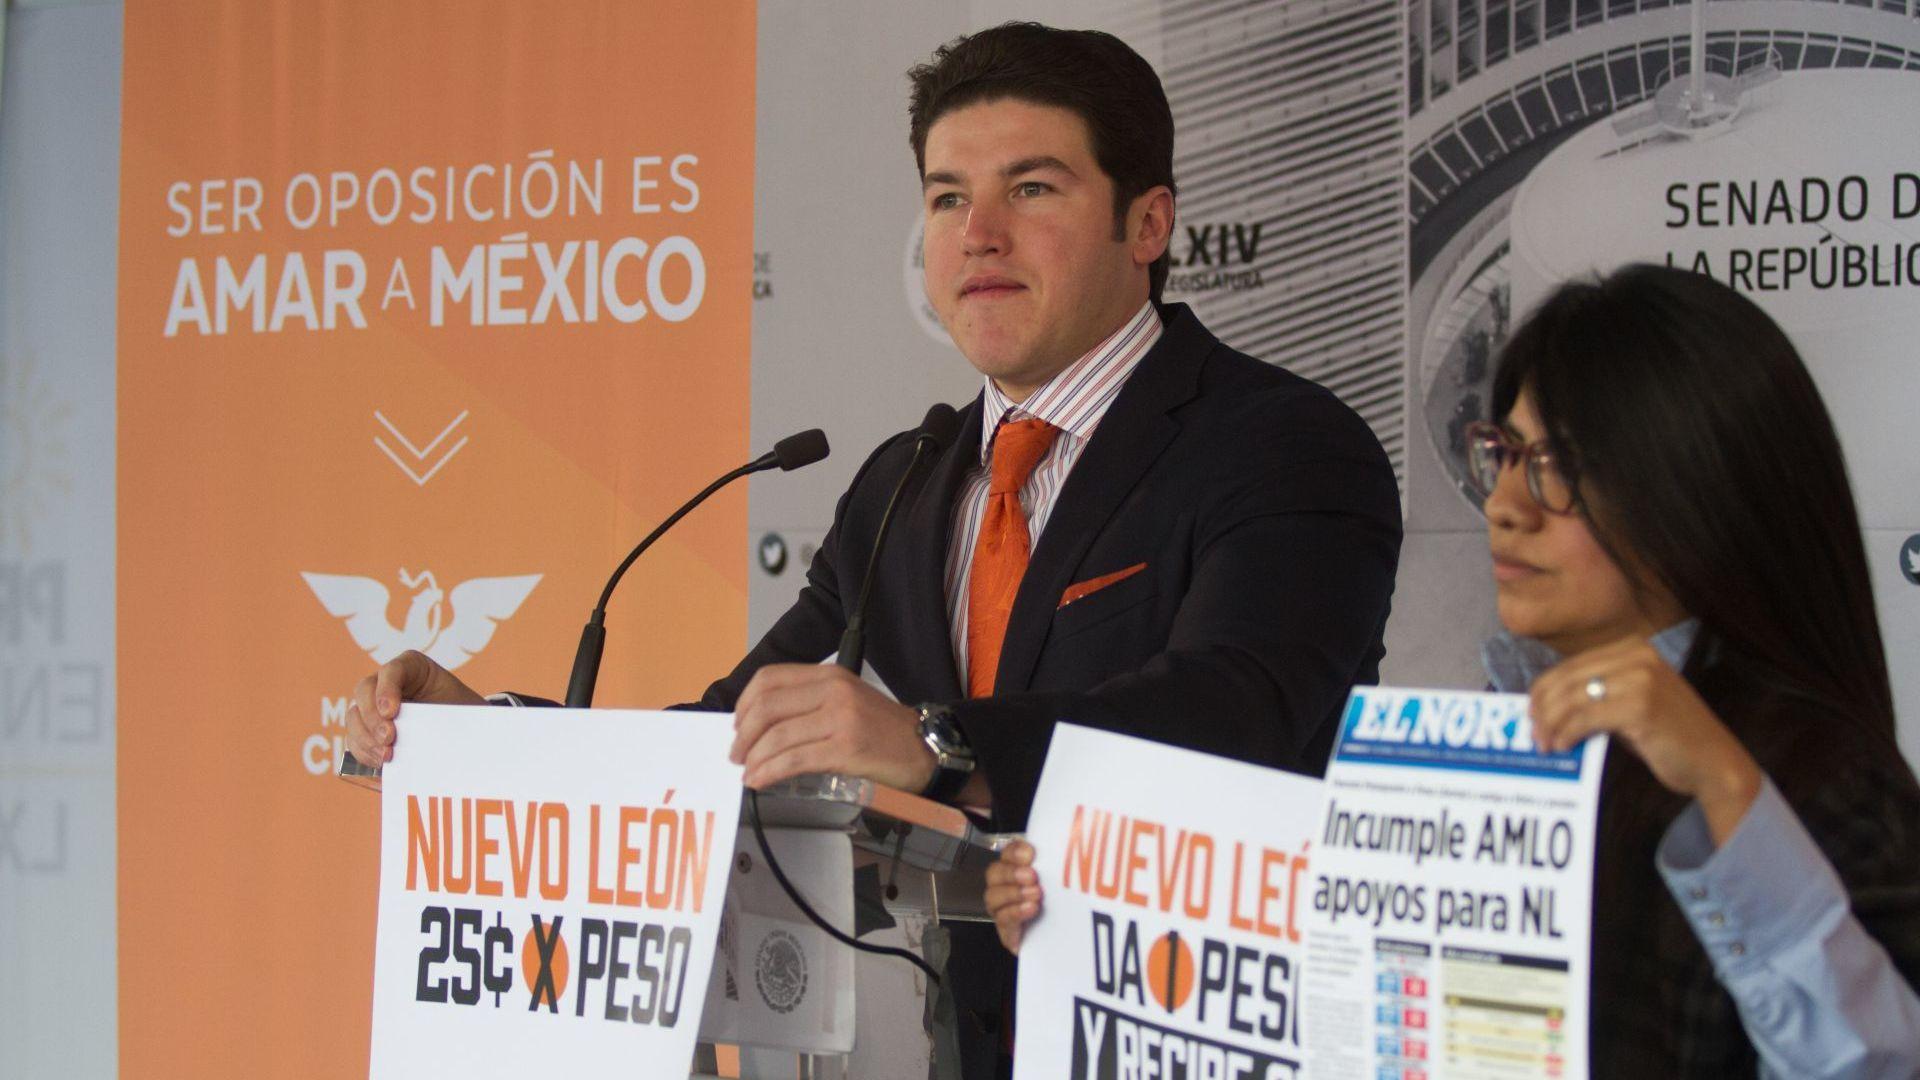 Samuel García es uno de los críticos más vocales de la administración de AMLO (Foto: Cuartoscuro)